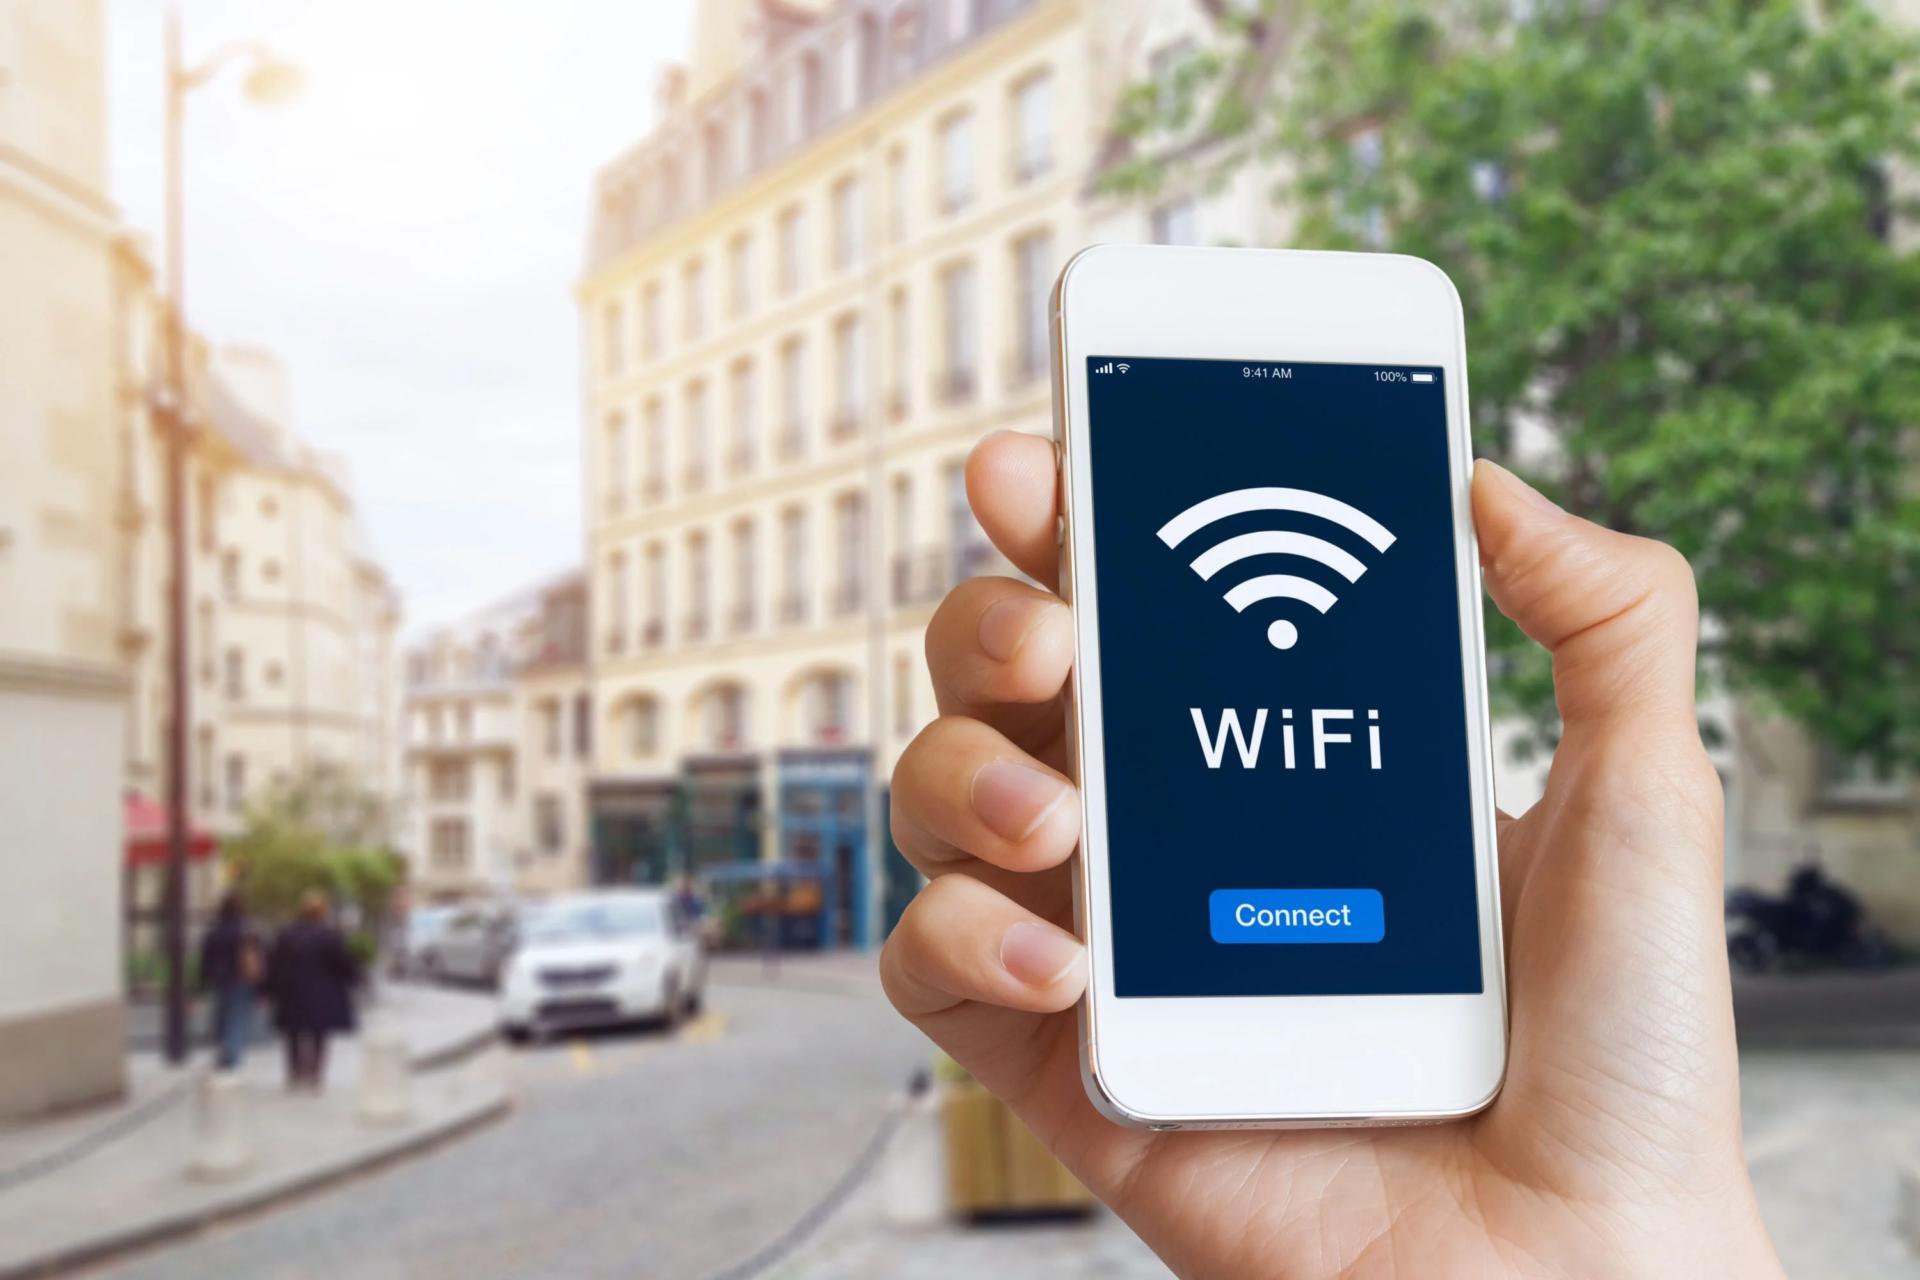 Làm sao để smartphone kết nối Wi-Fi tốt nhất